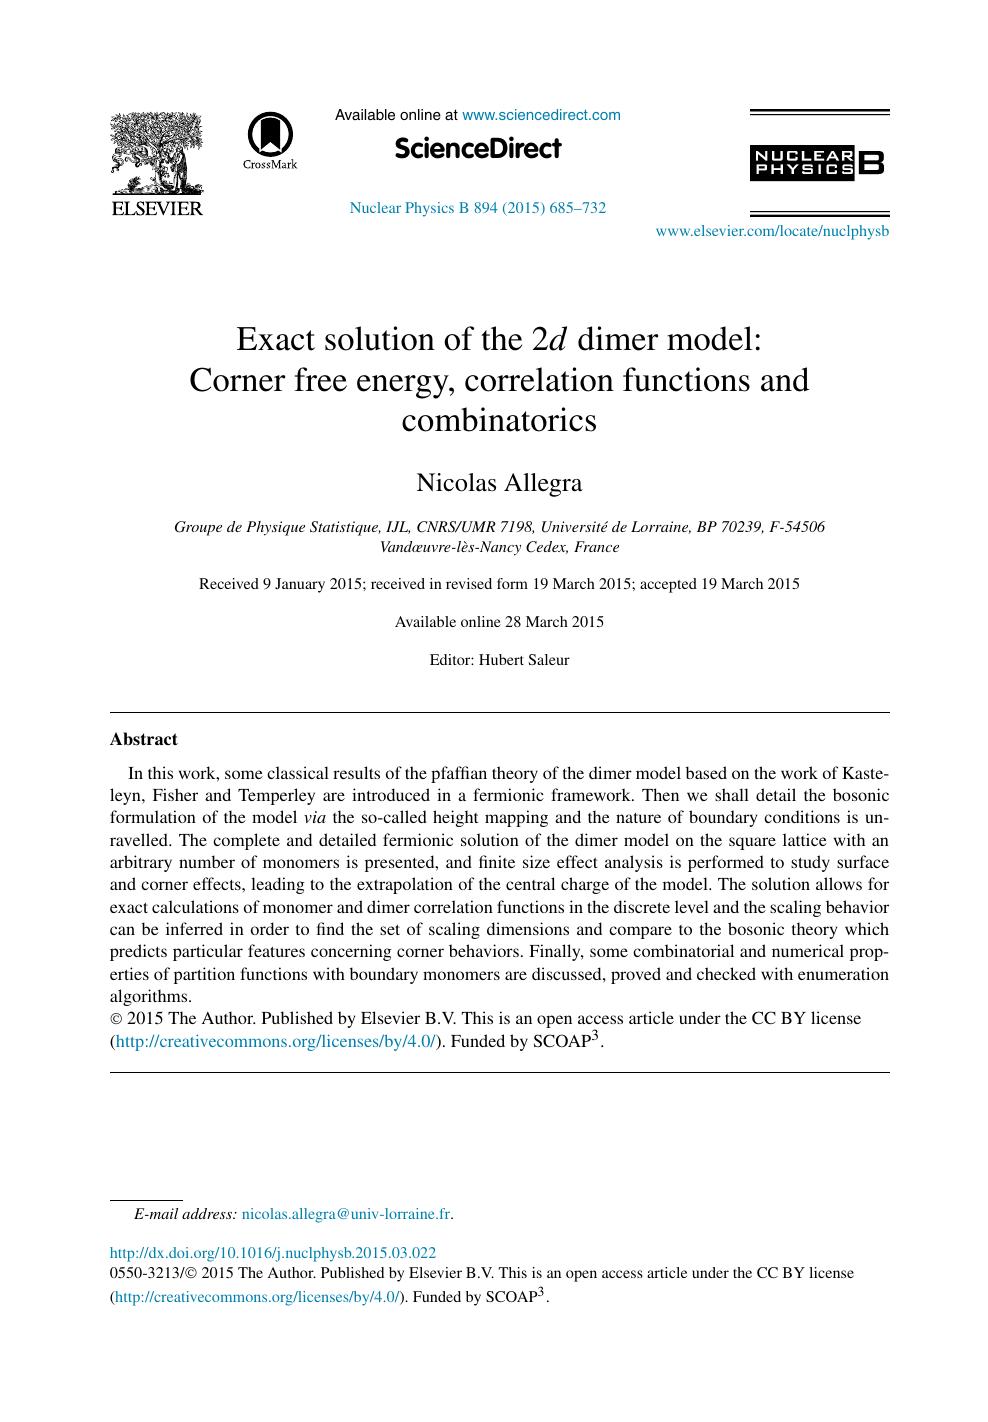 Exact solution of the 2d dimer model: Corner free energy